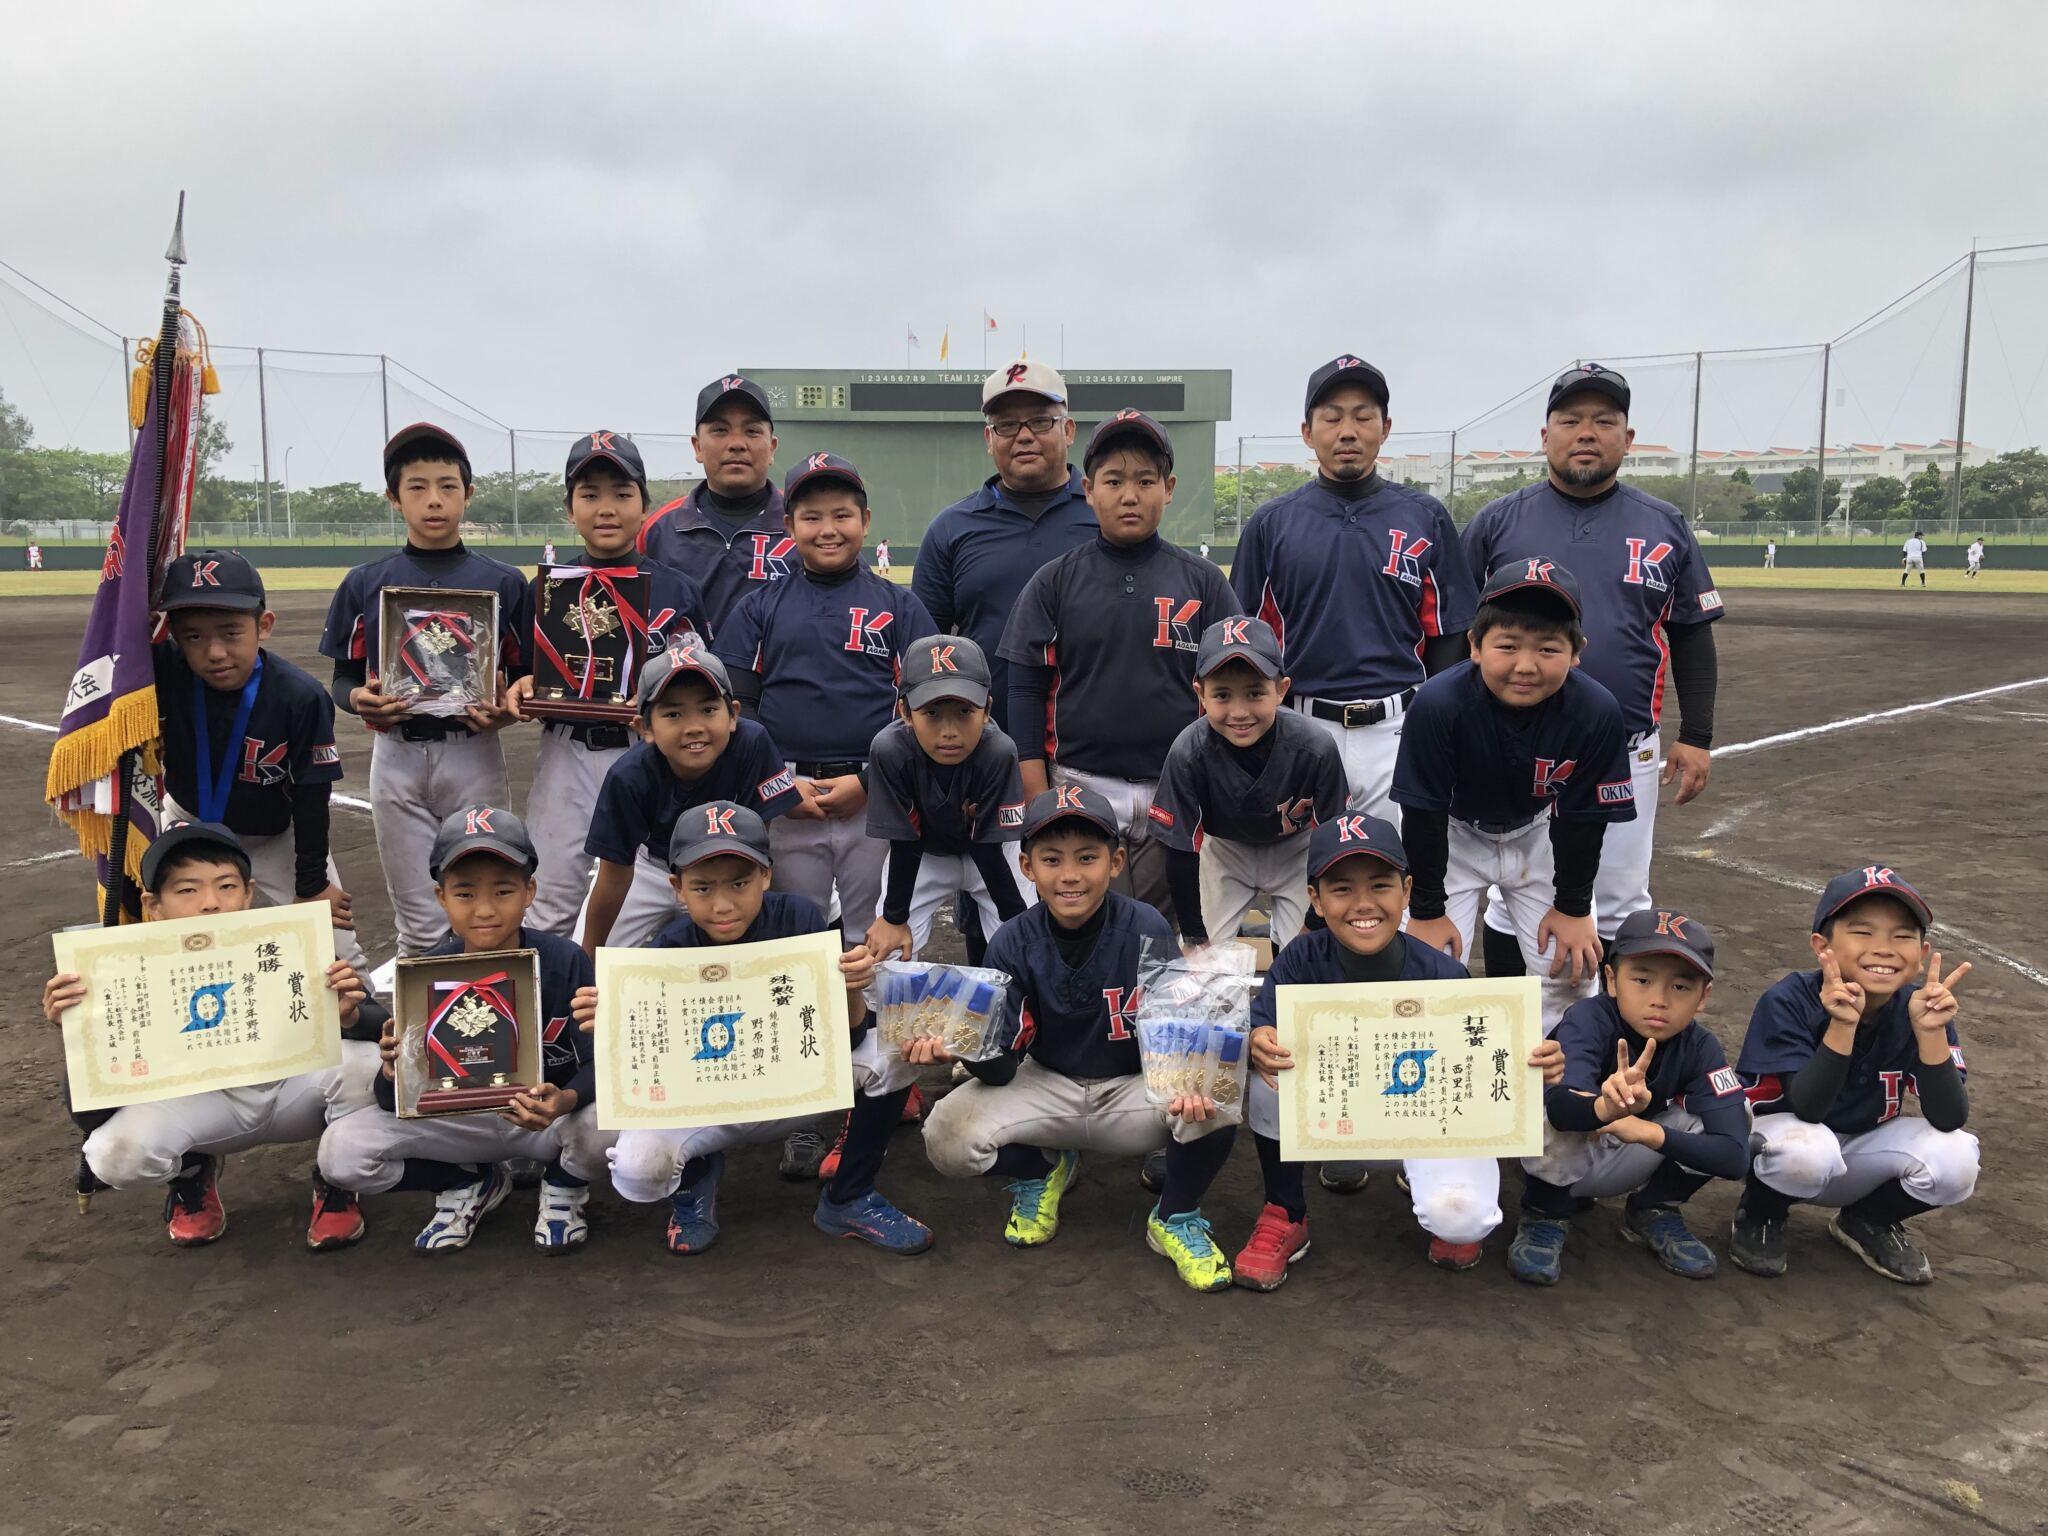 第25回JTA旗先島地区学童軟式野球交流大会開催